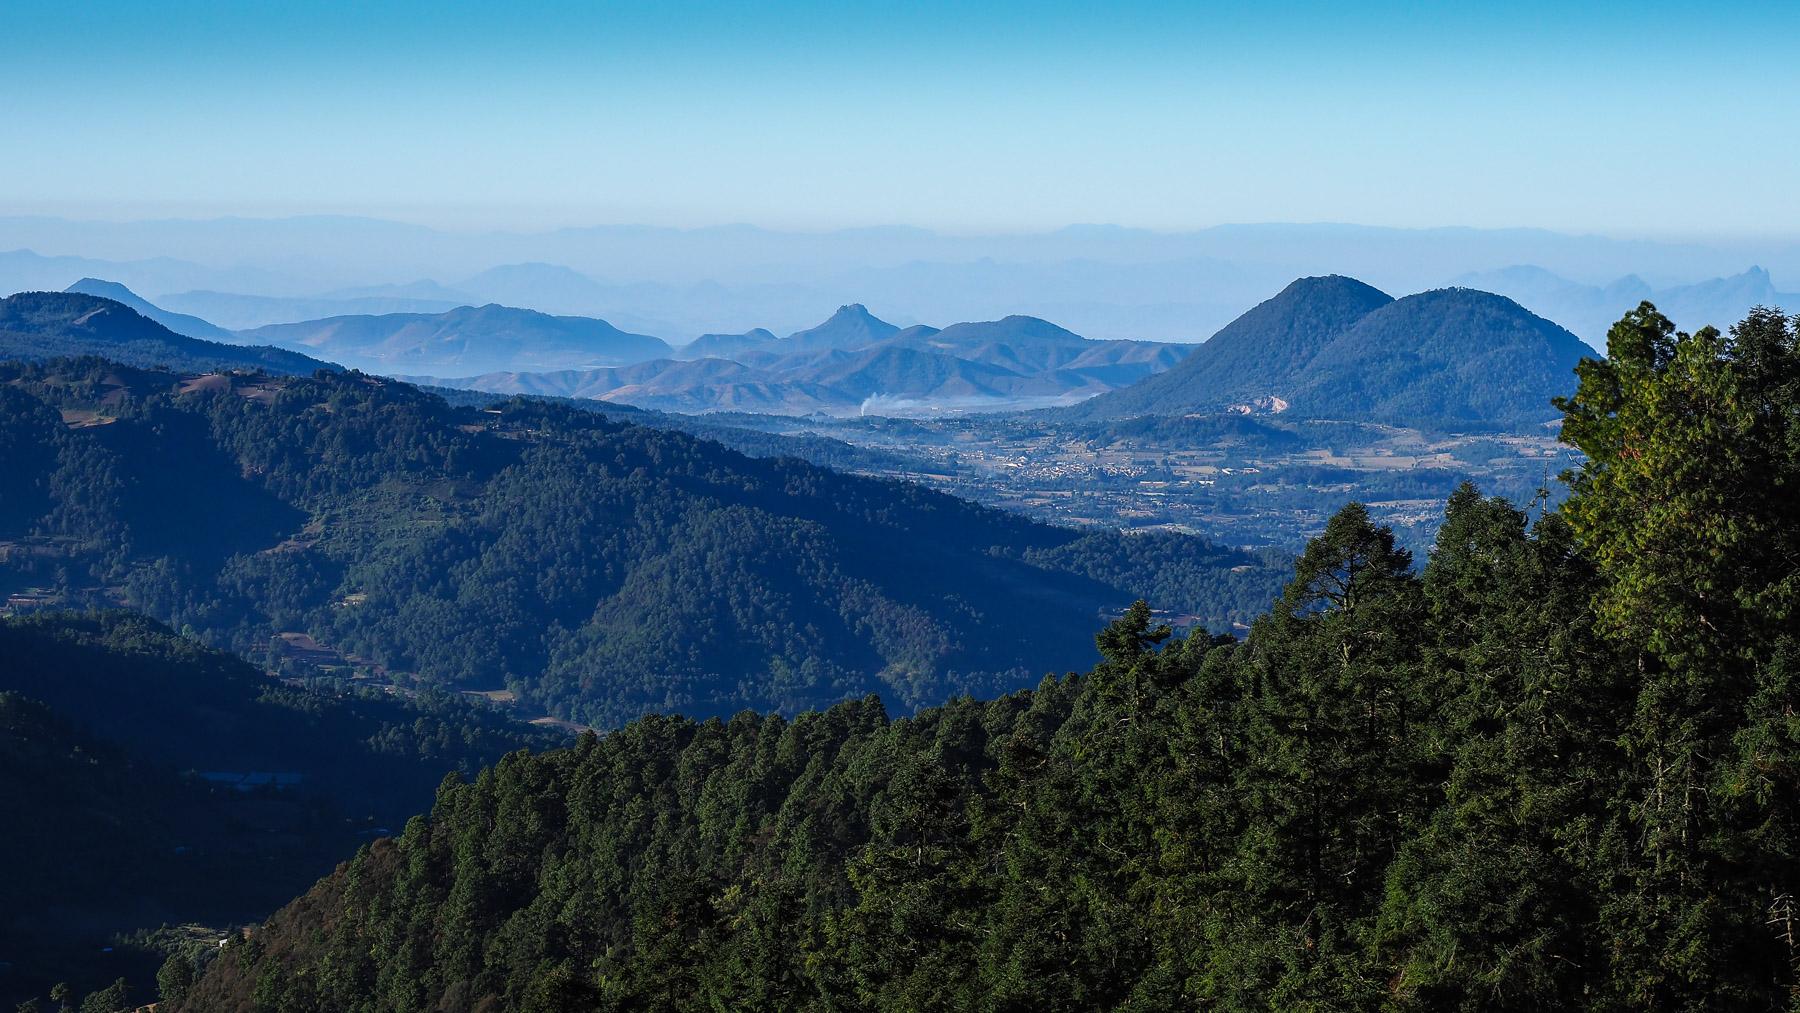 Die von den Monarchfaltern bevorzugten Wälder auf 3000 m Höhe.